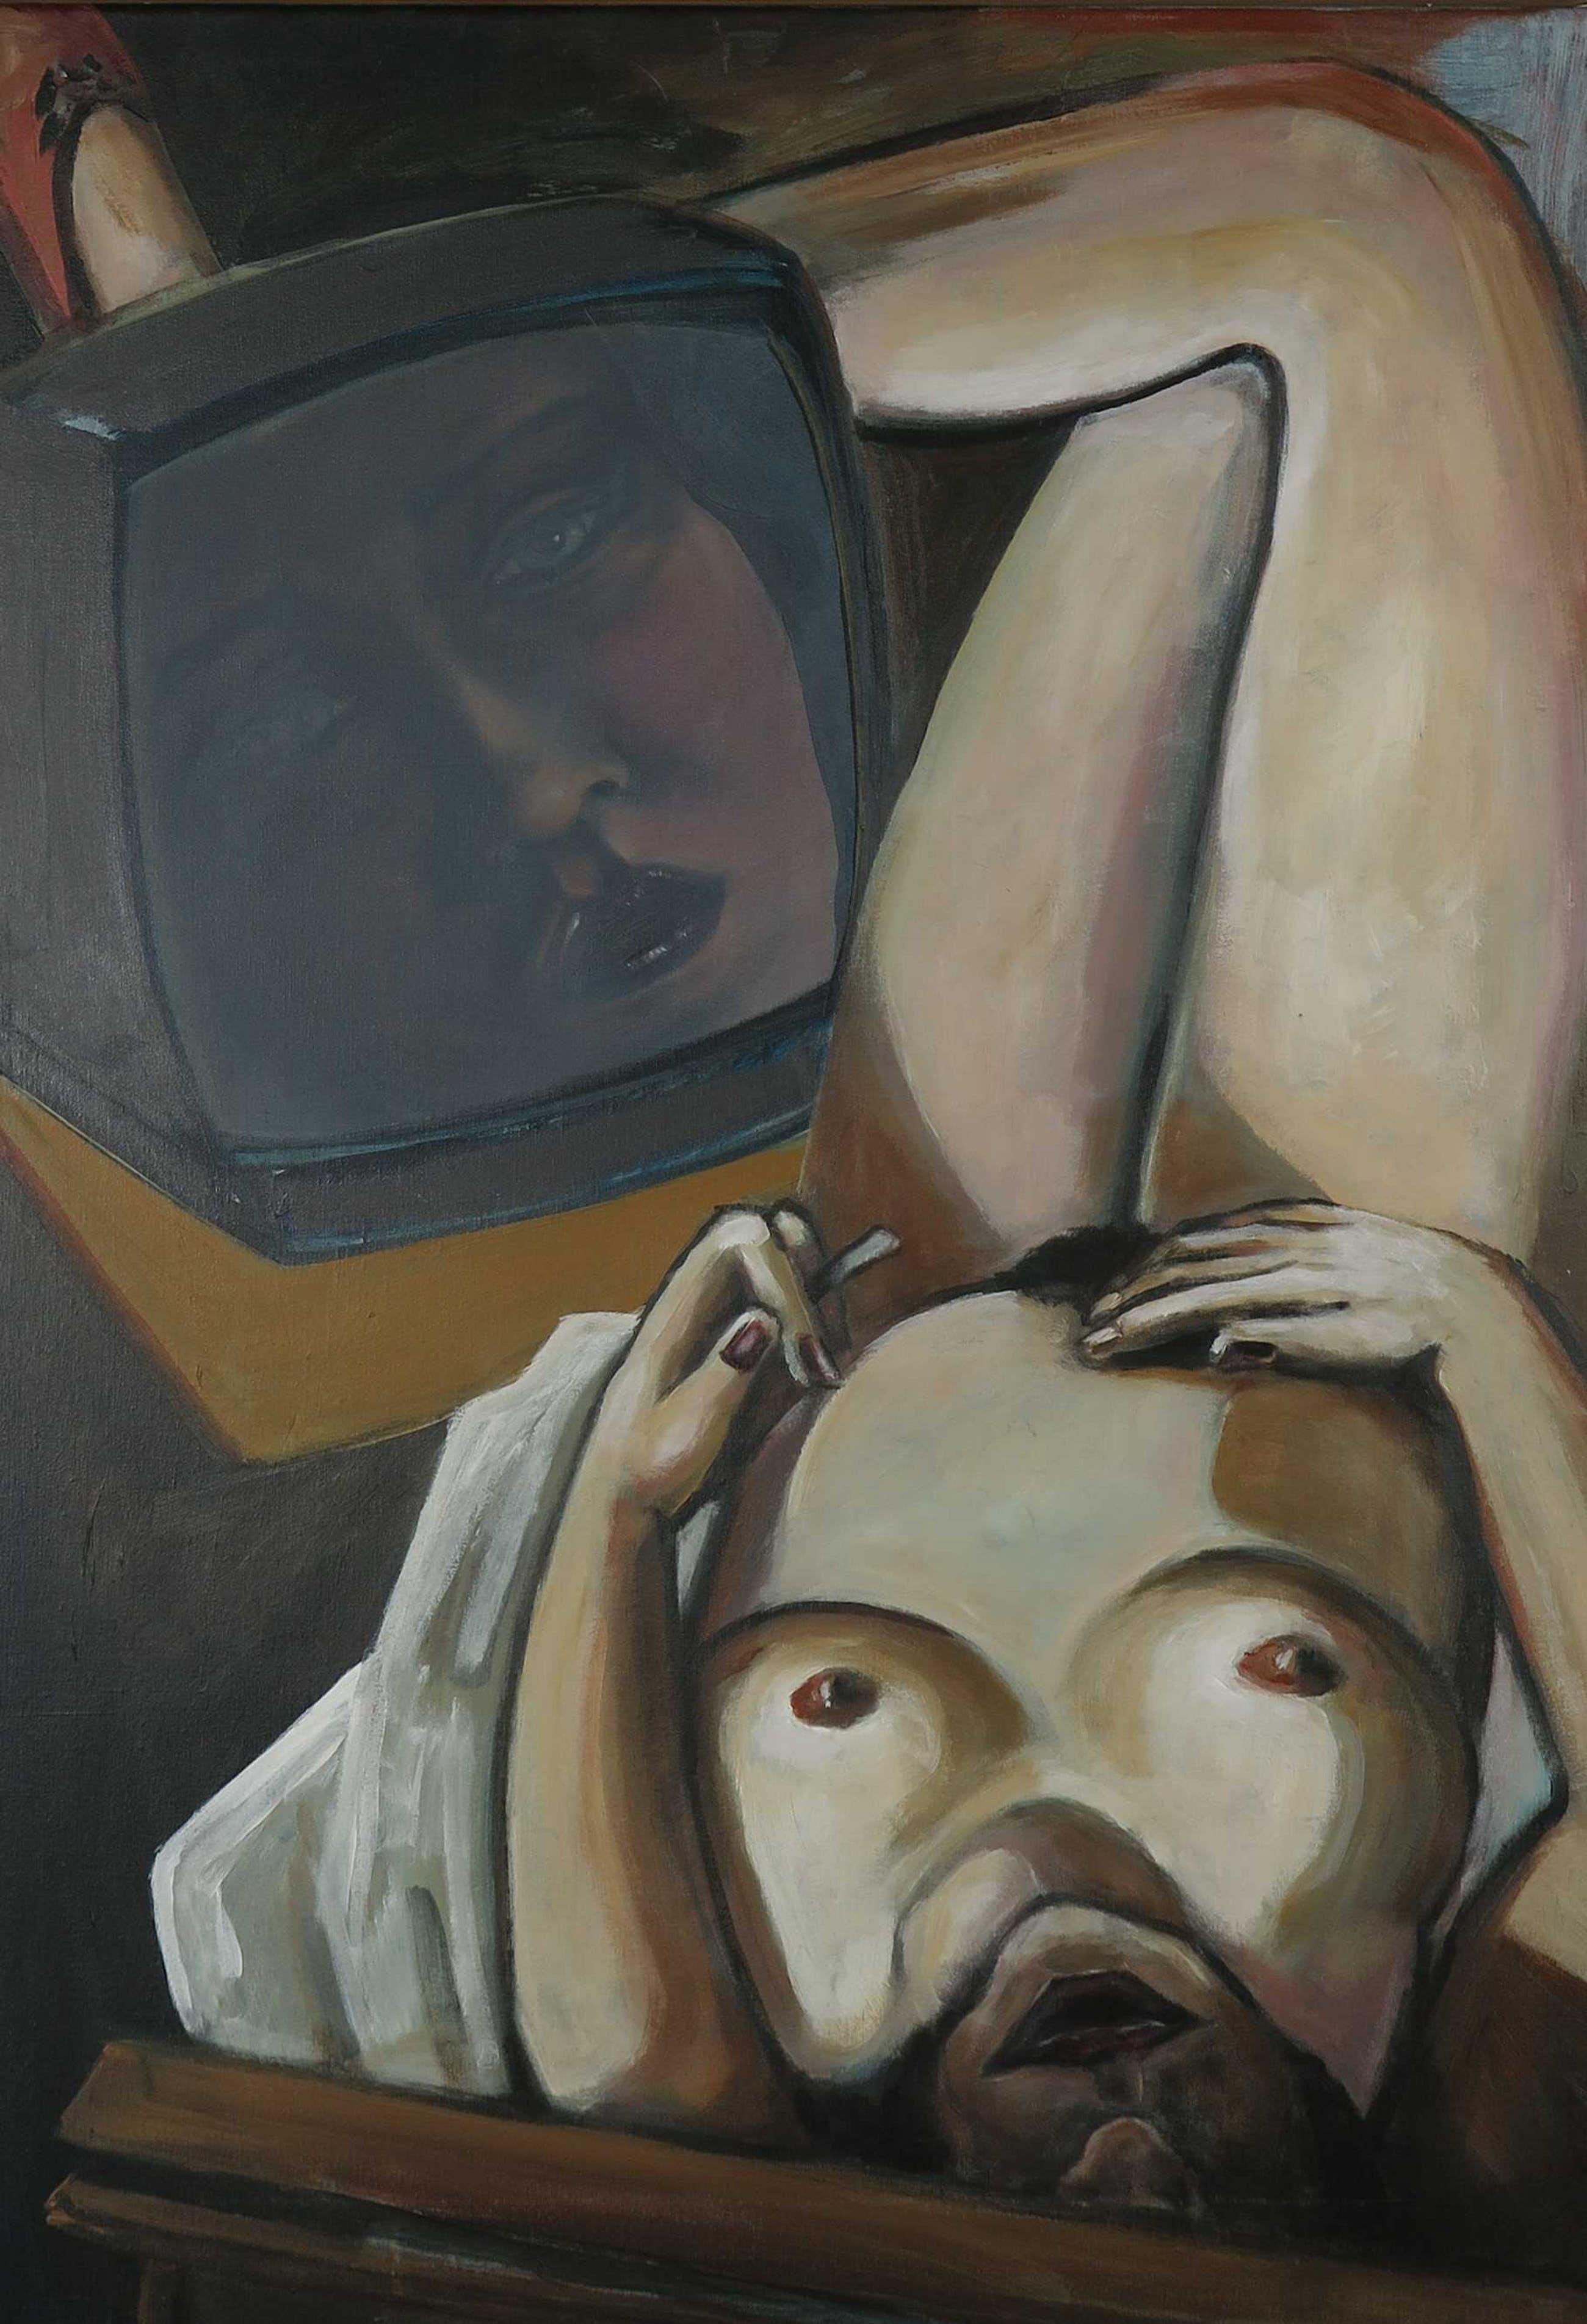 Roel Monster - Repose schilderij op linnen, ingelijst kopen? Bied vanaf 200!